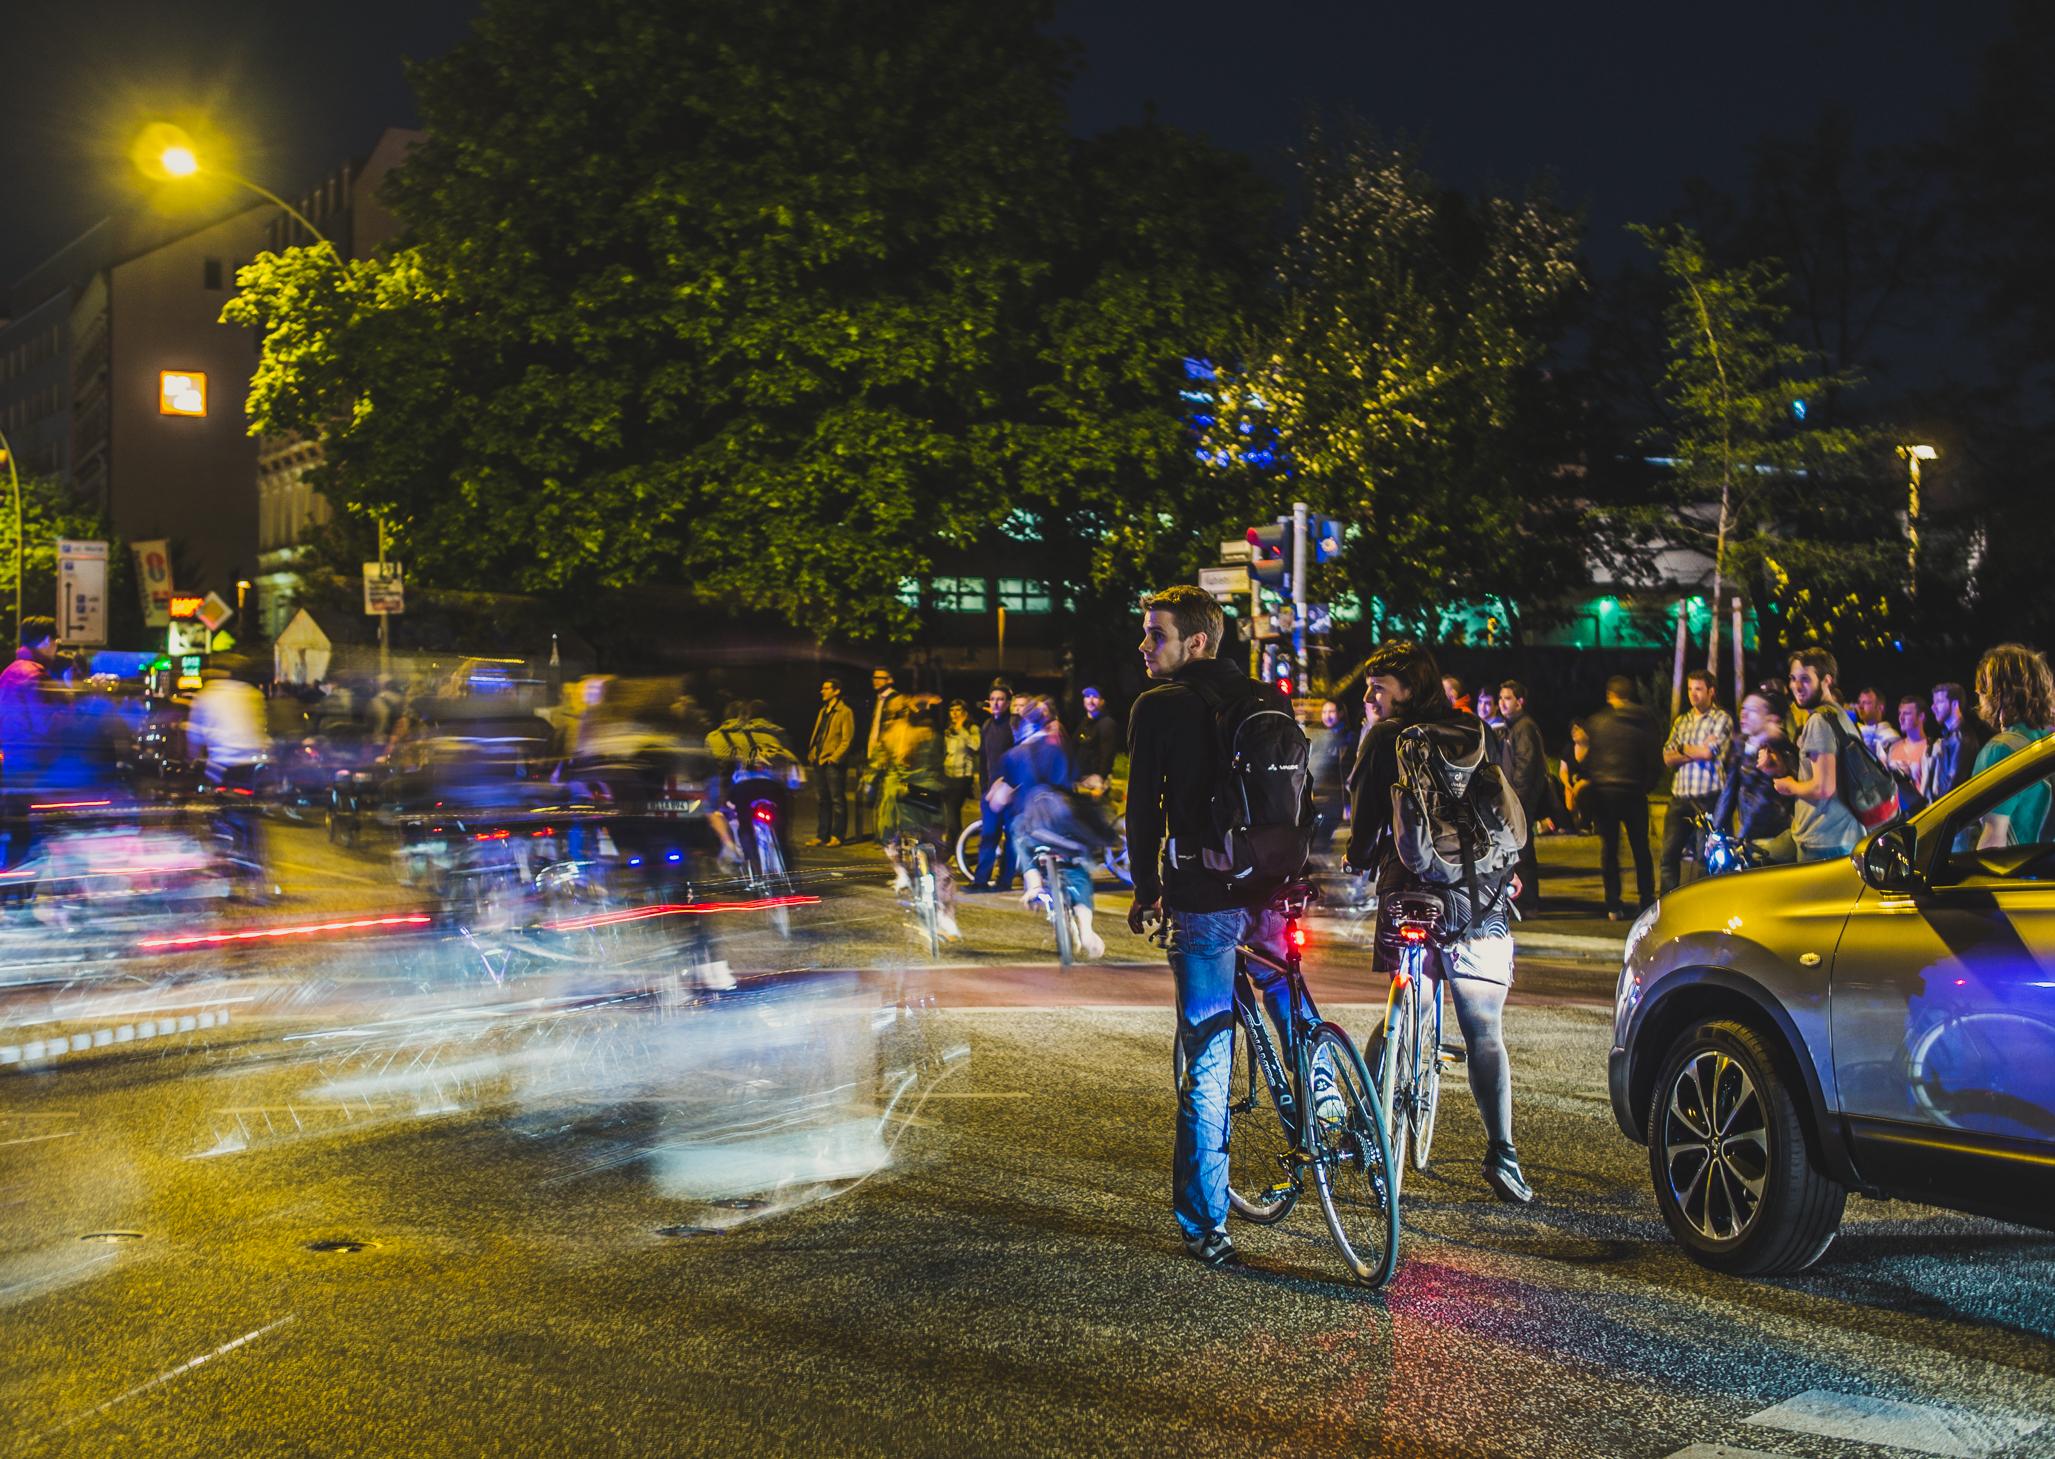 Freie Fahrt für Fahrräder, nicht für Autos